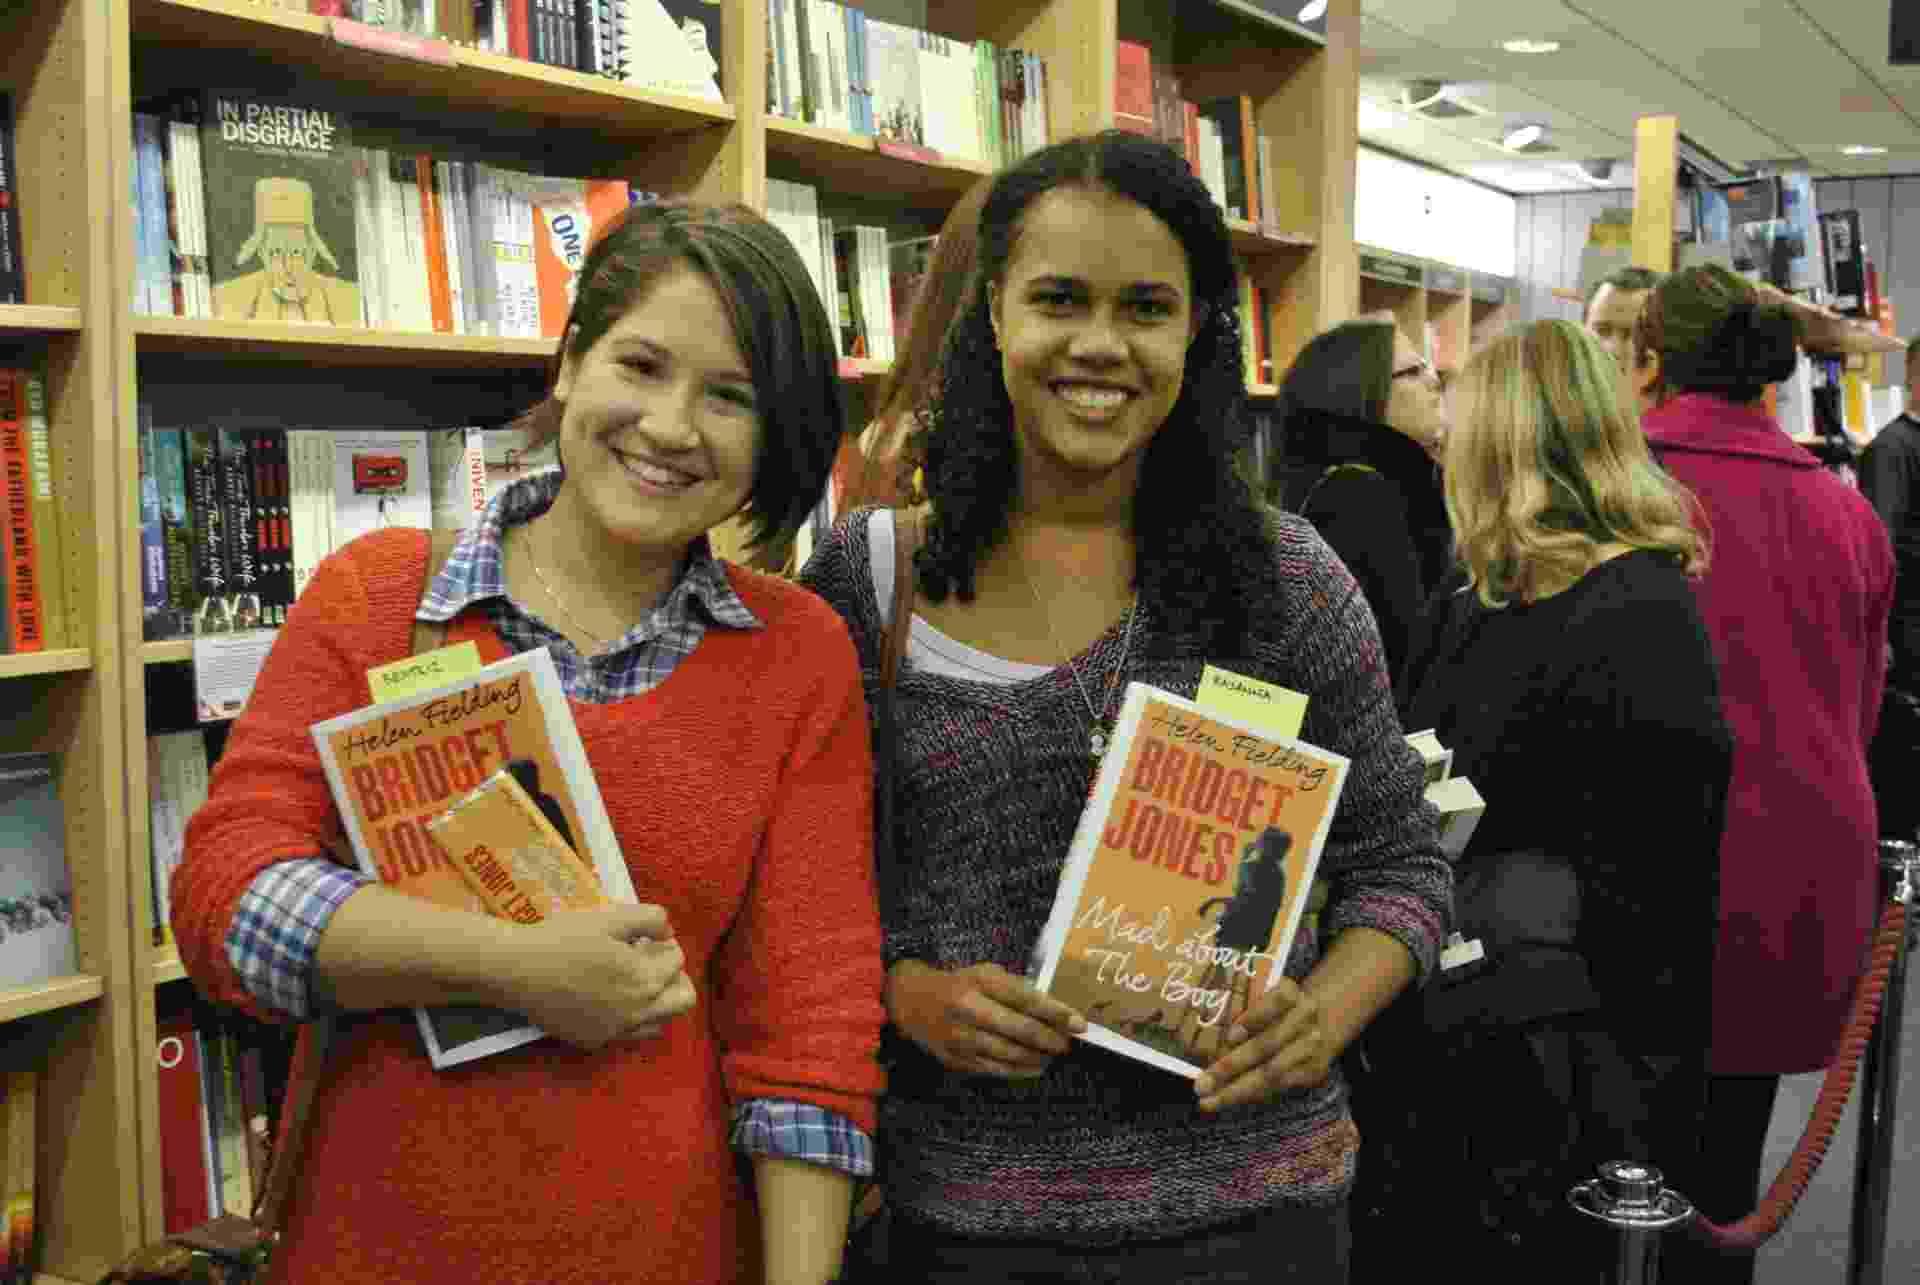 10.out.2013 - As estudantes brasileiras Rayanna Pereira e Beatriz Fontenele estavam entre as primeiras da fila da sessão de autógrafos em Londres - Claudia Silveira/UOL